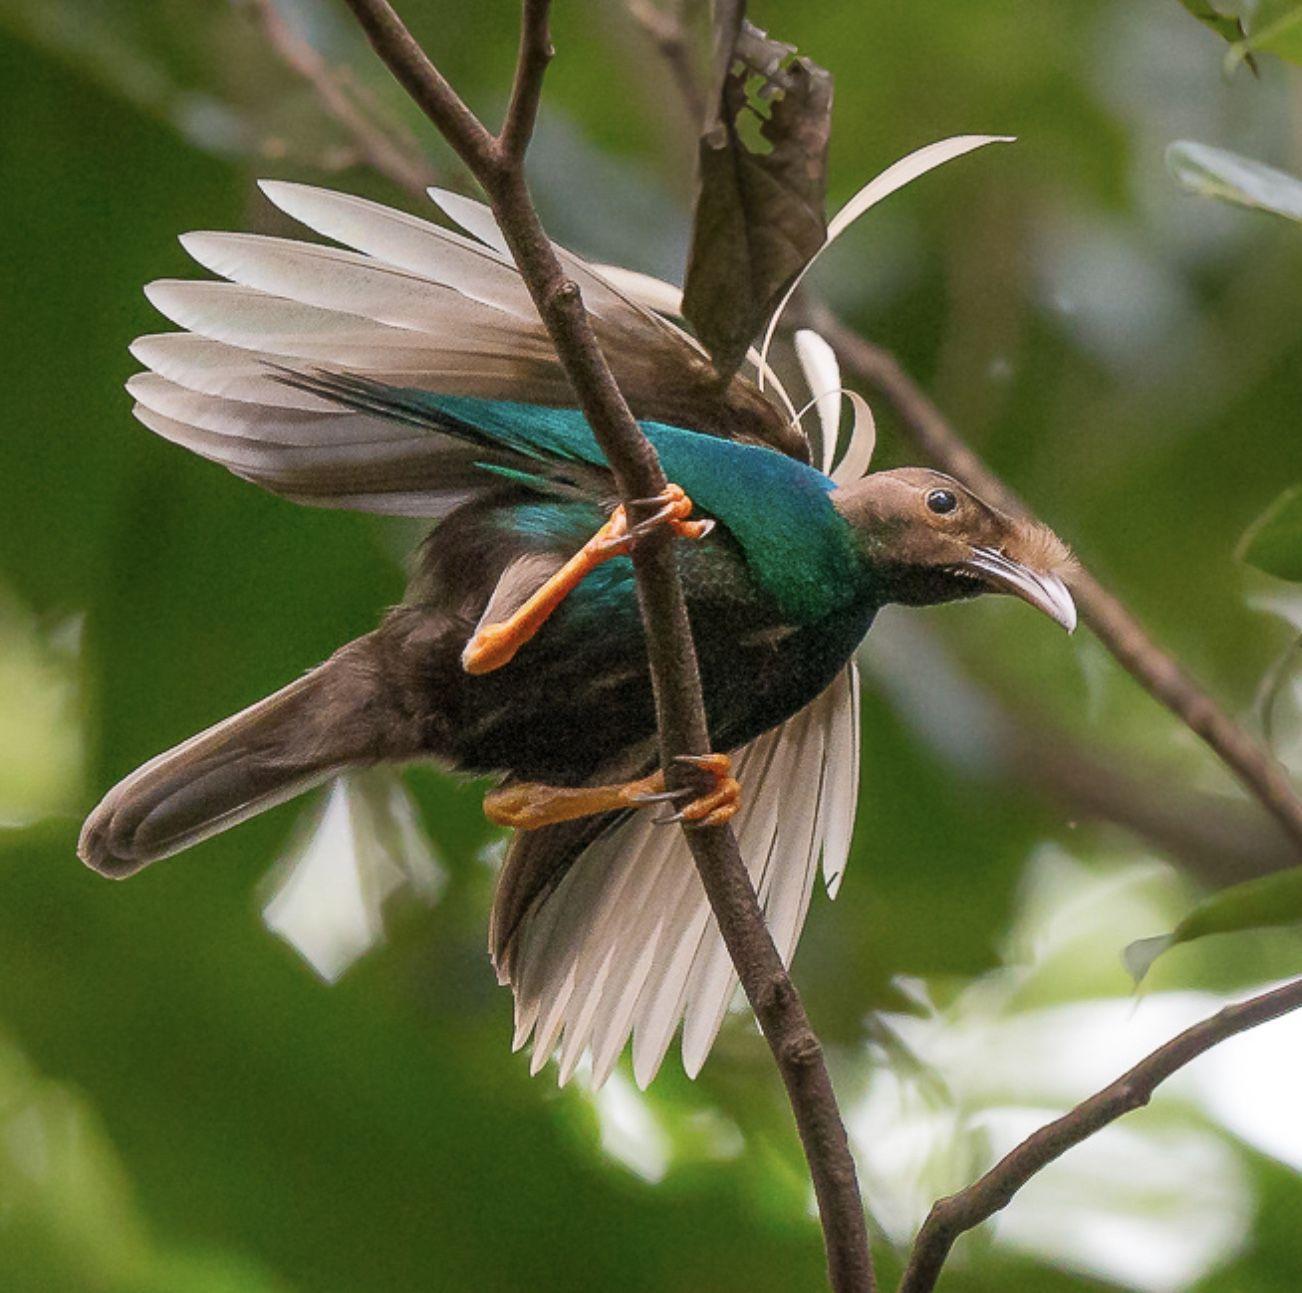 Pin By Rosalva Claudino On Birds Of Paradise Weird Birds Pretty Birds Colorful Birds